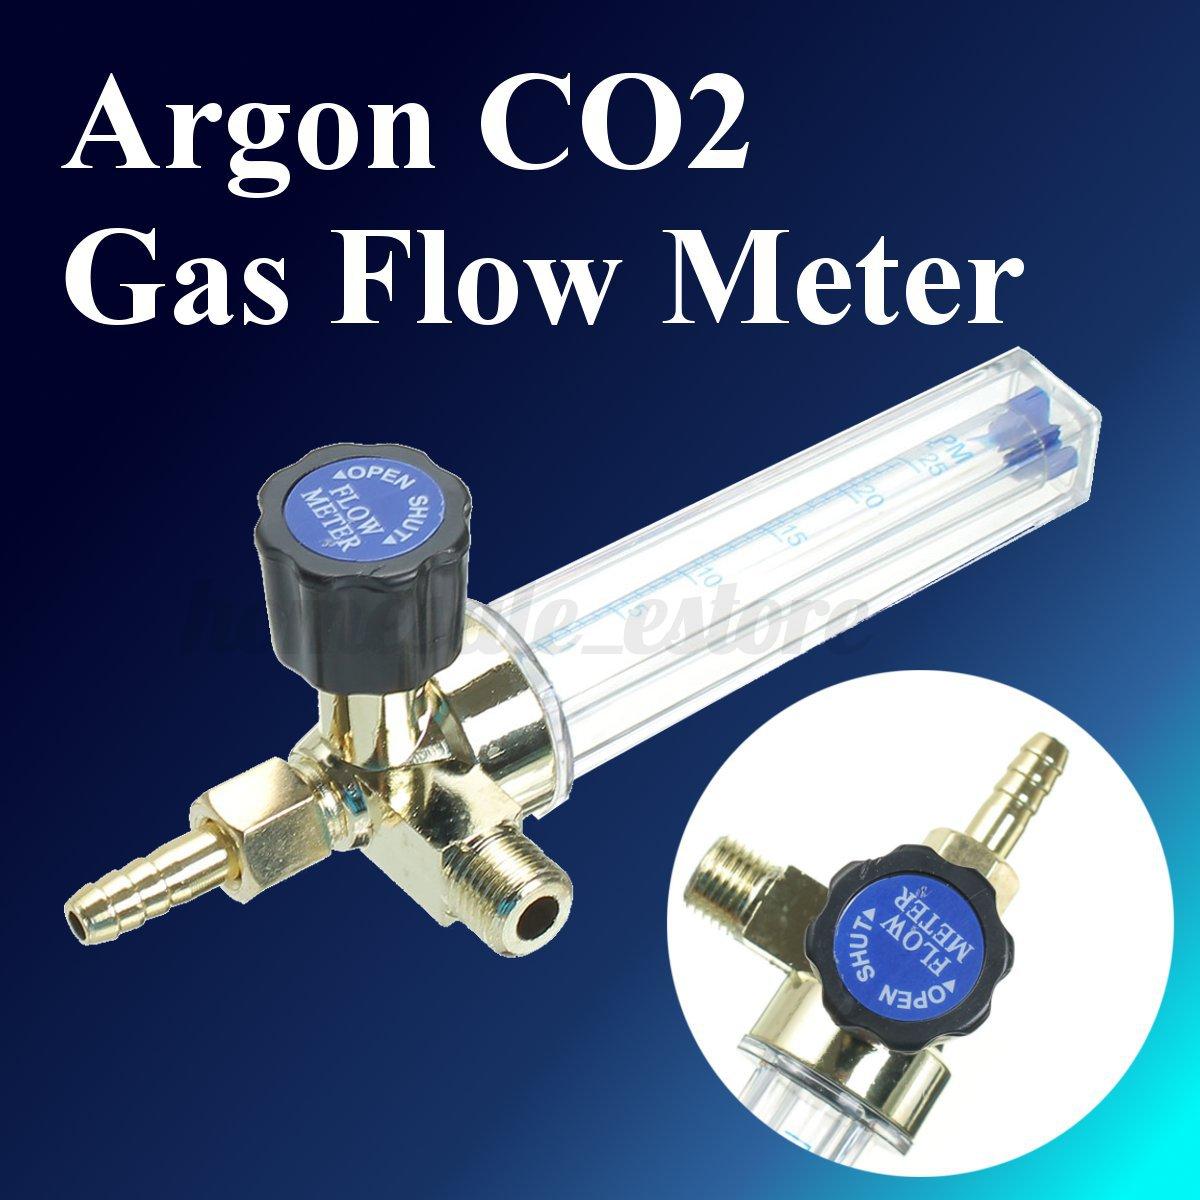 1//4PT 0.15MPA 7mm 1-25 L//M Argon CO2 Gas Barb Flow Meter Welding Regulator Gauge